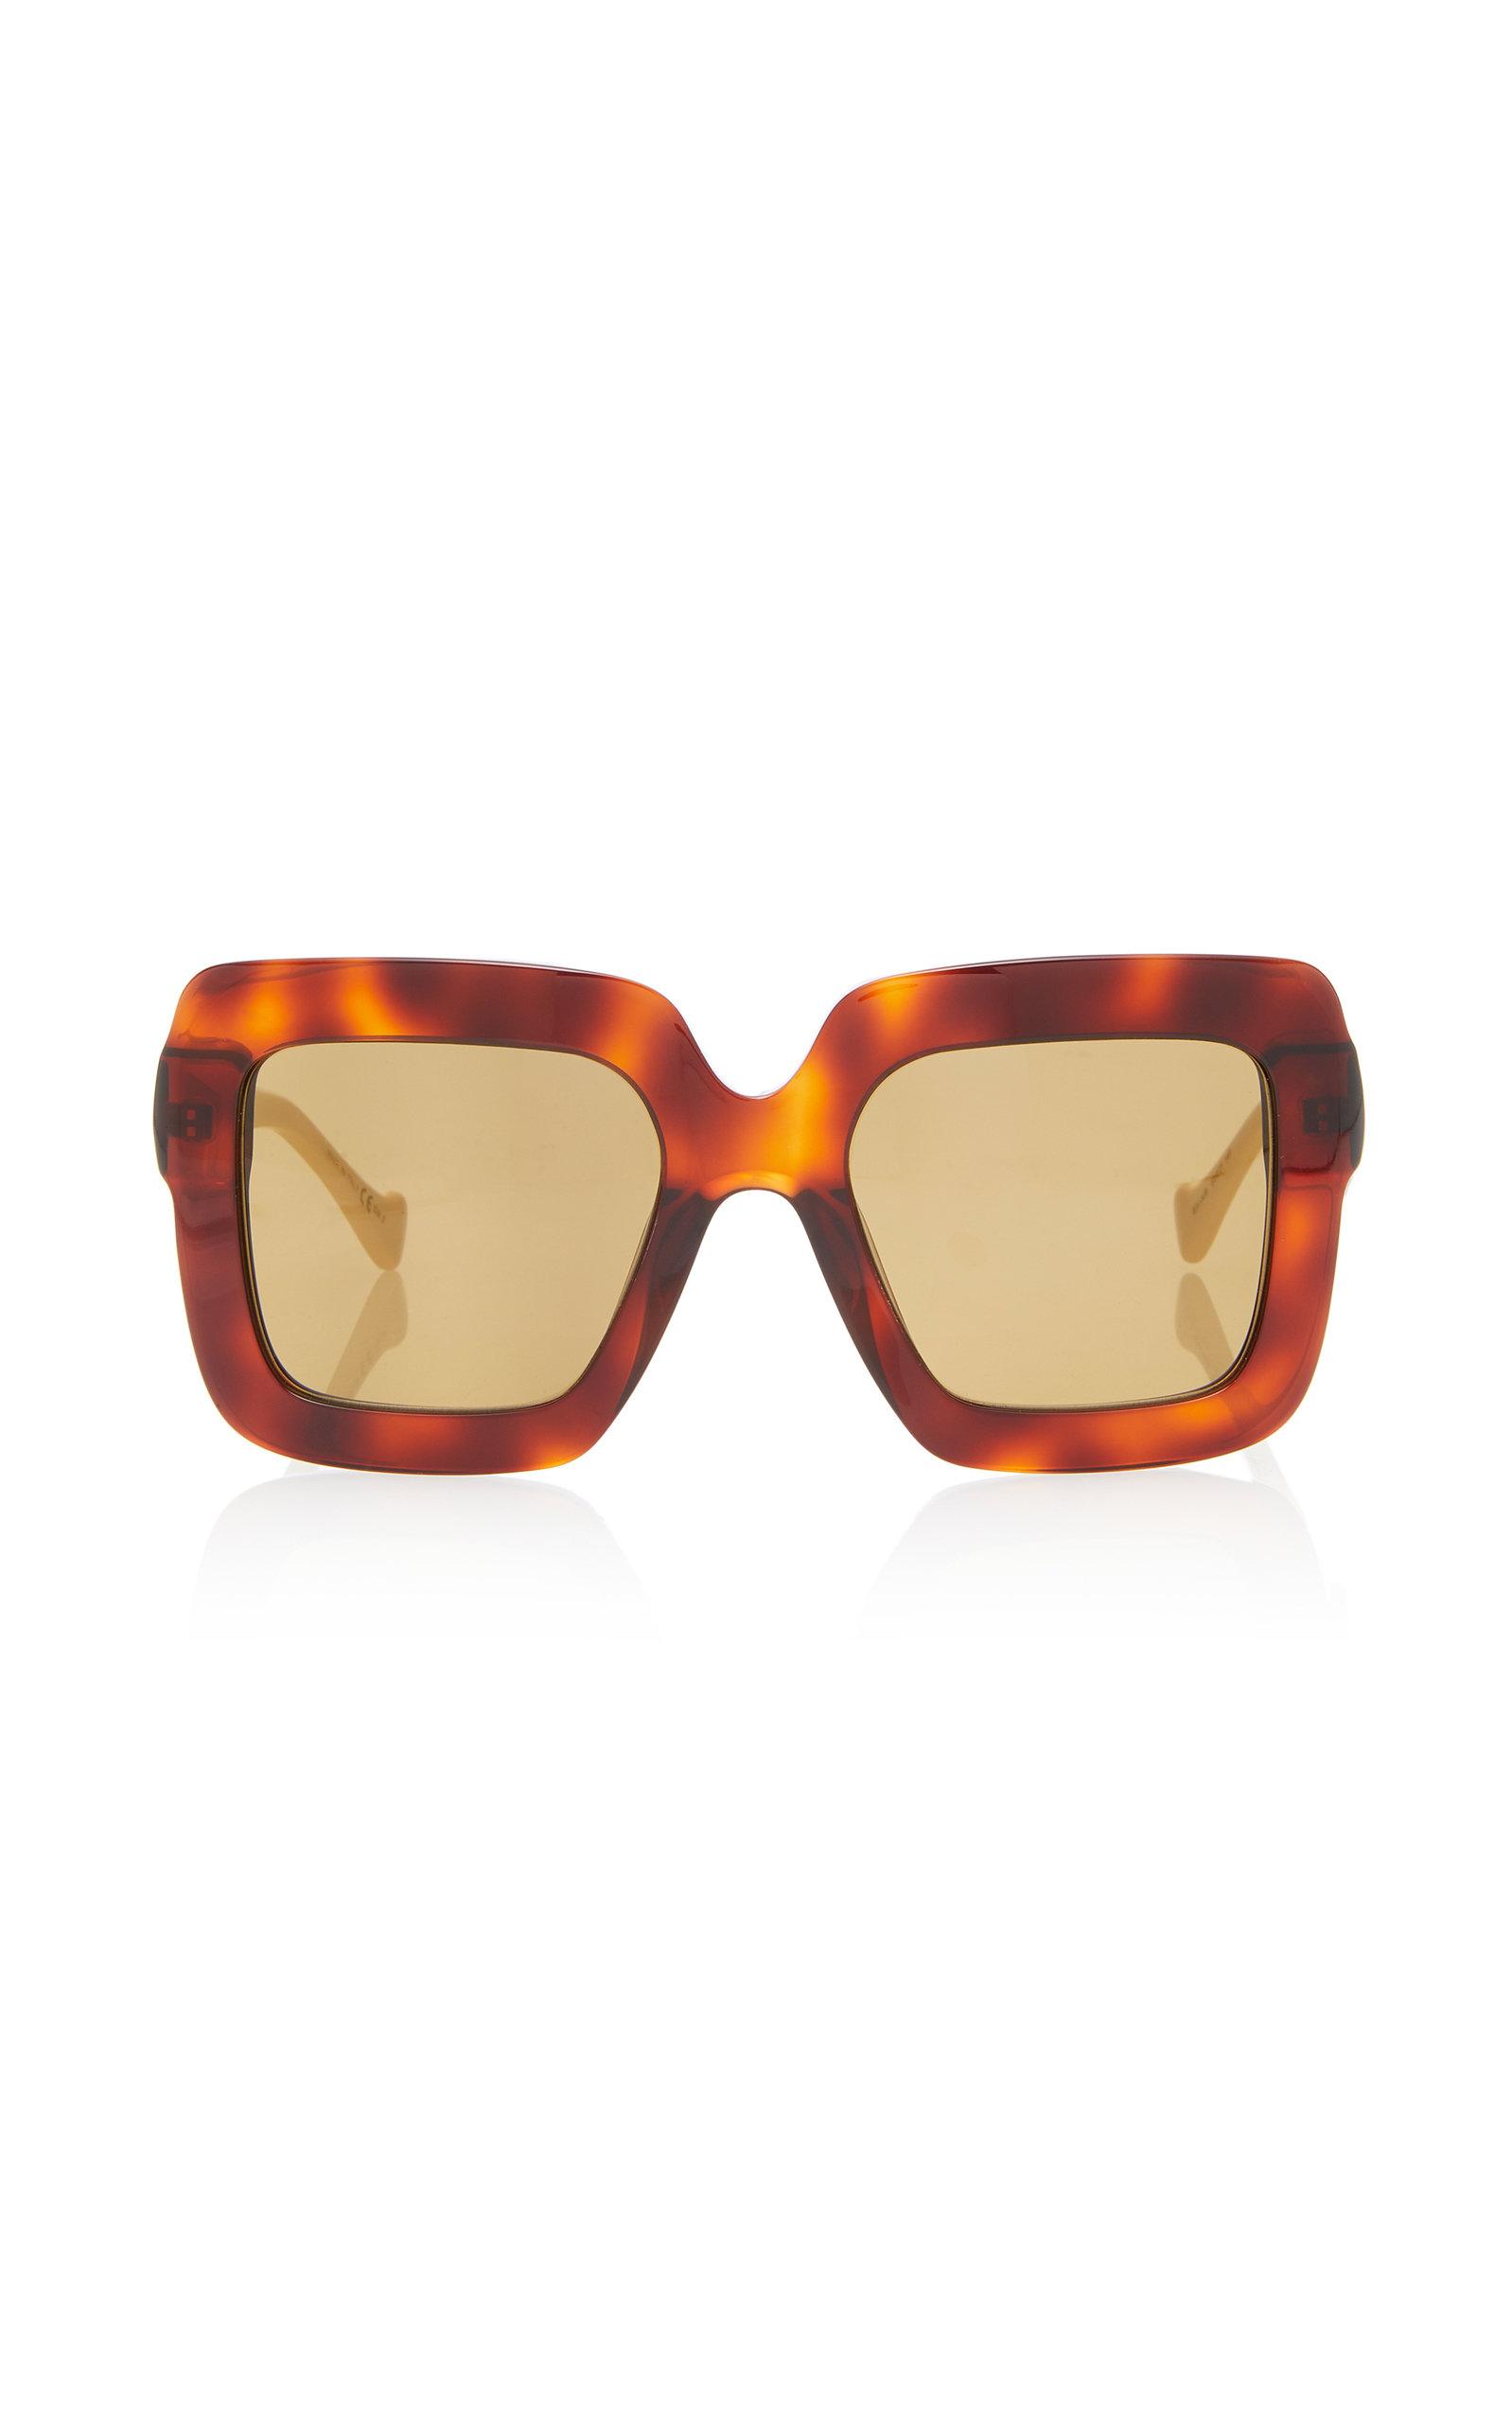 09b72f4e2bf Marie Sunglasses by Catherine de Medici